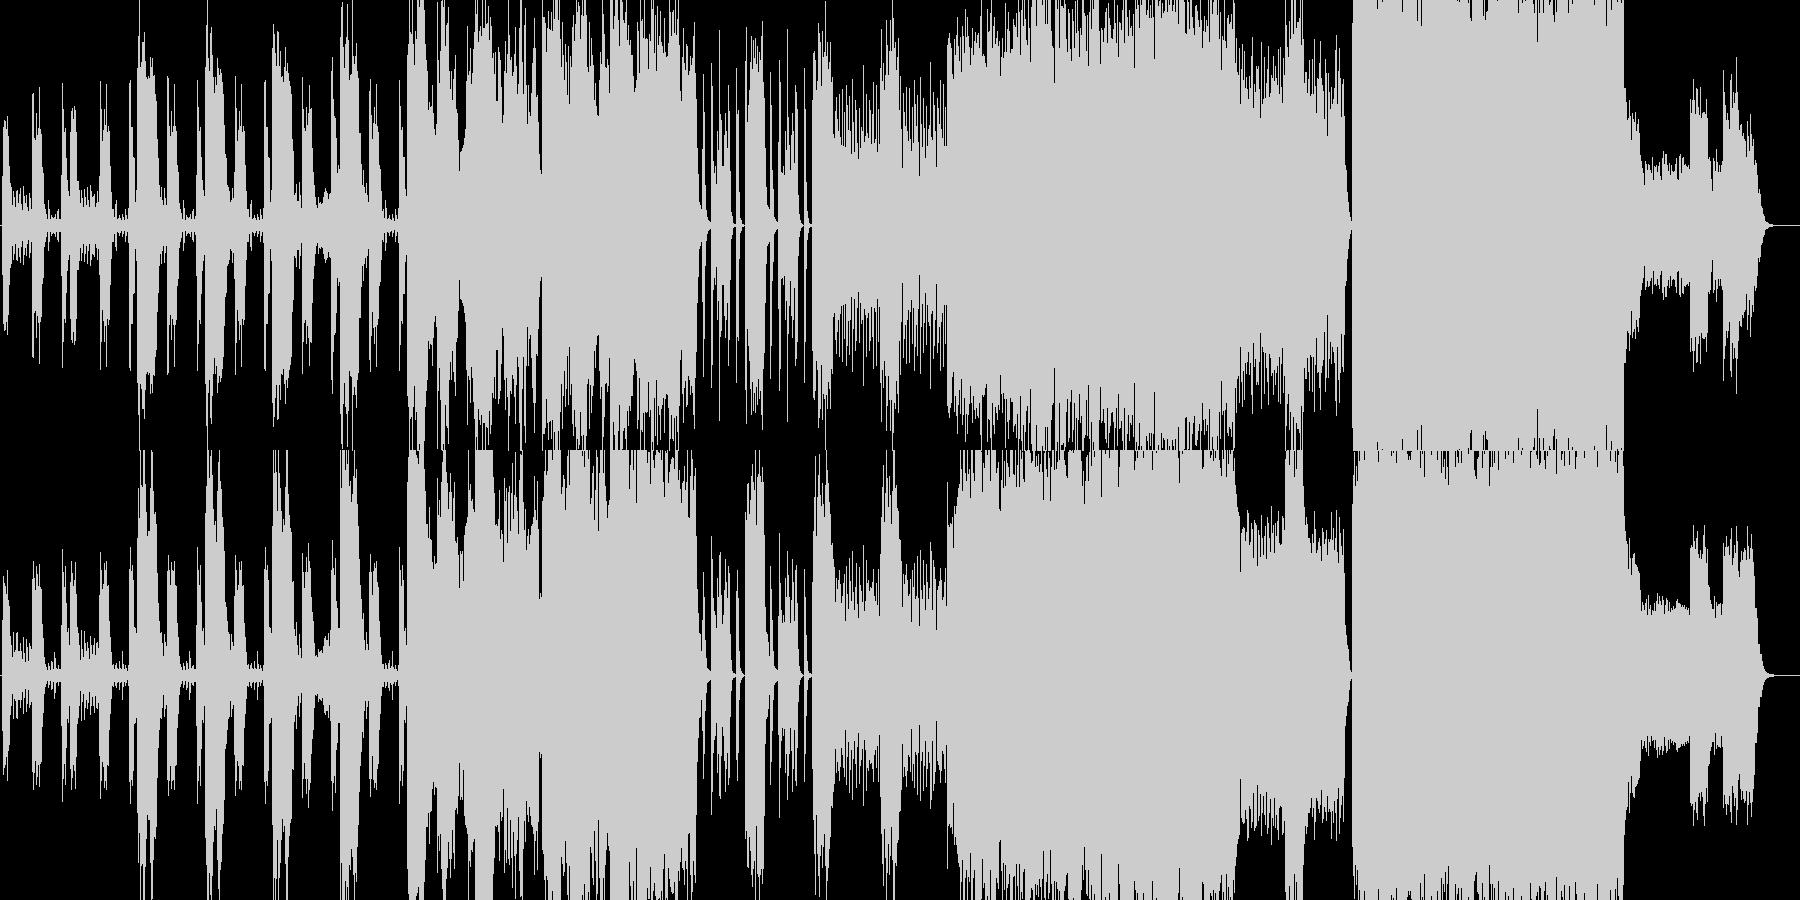 オーケストラメインの格好いい曲の未再生の波形